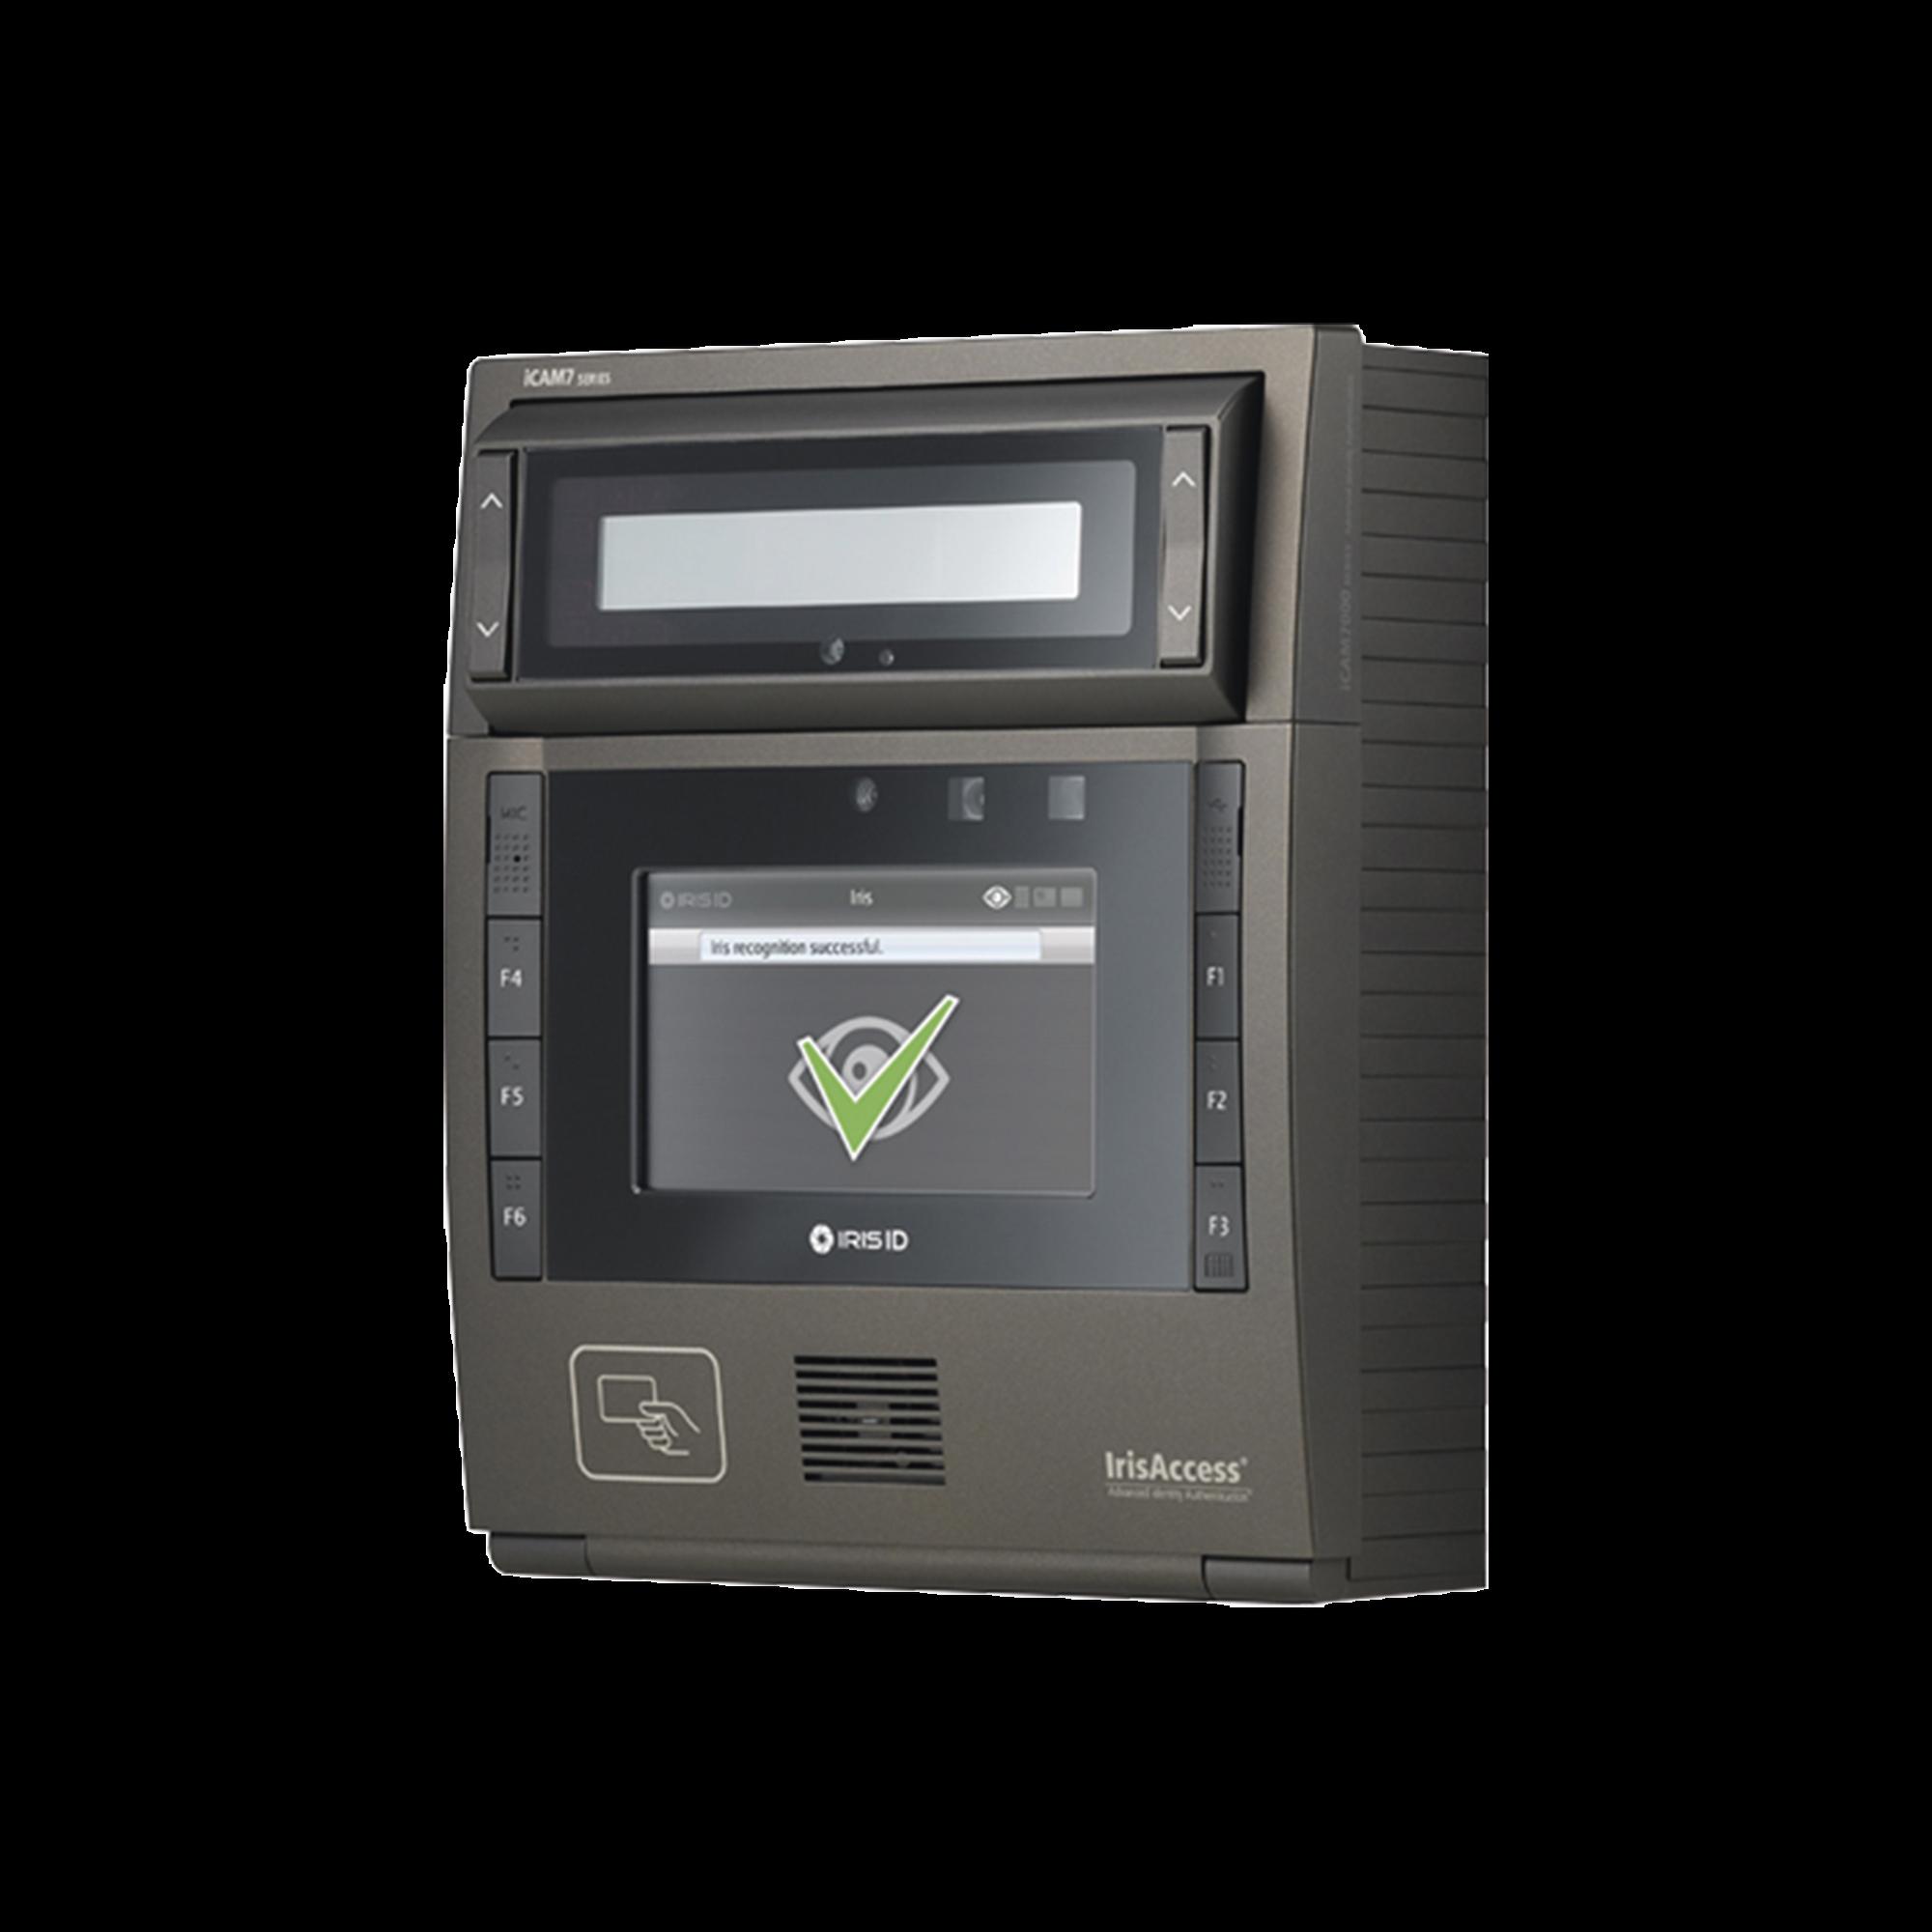 Camara de reconocimiento de Iris  color Negro con lector de (PROX 125 Khz , iClass SE, MiFARE, DESFire, 13.56Mhz cards).